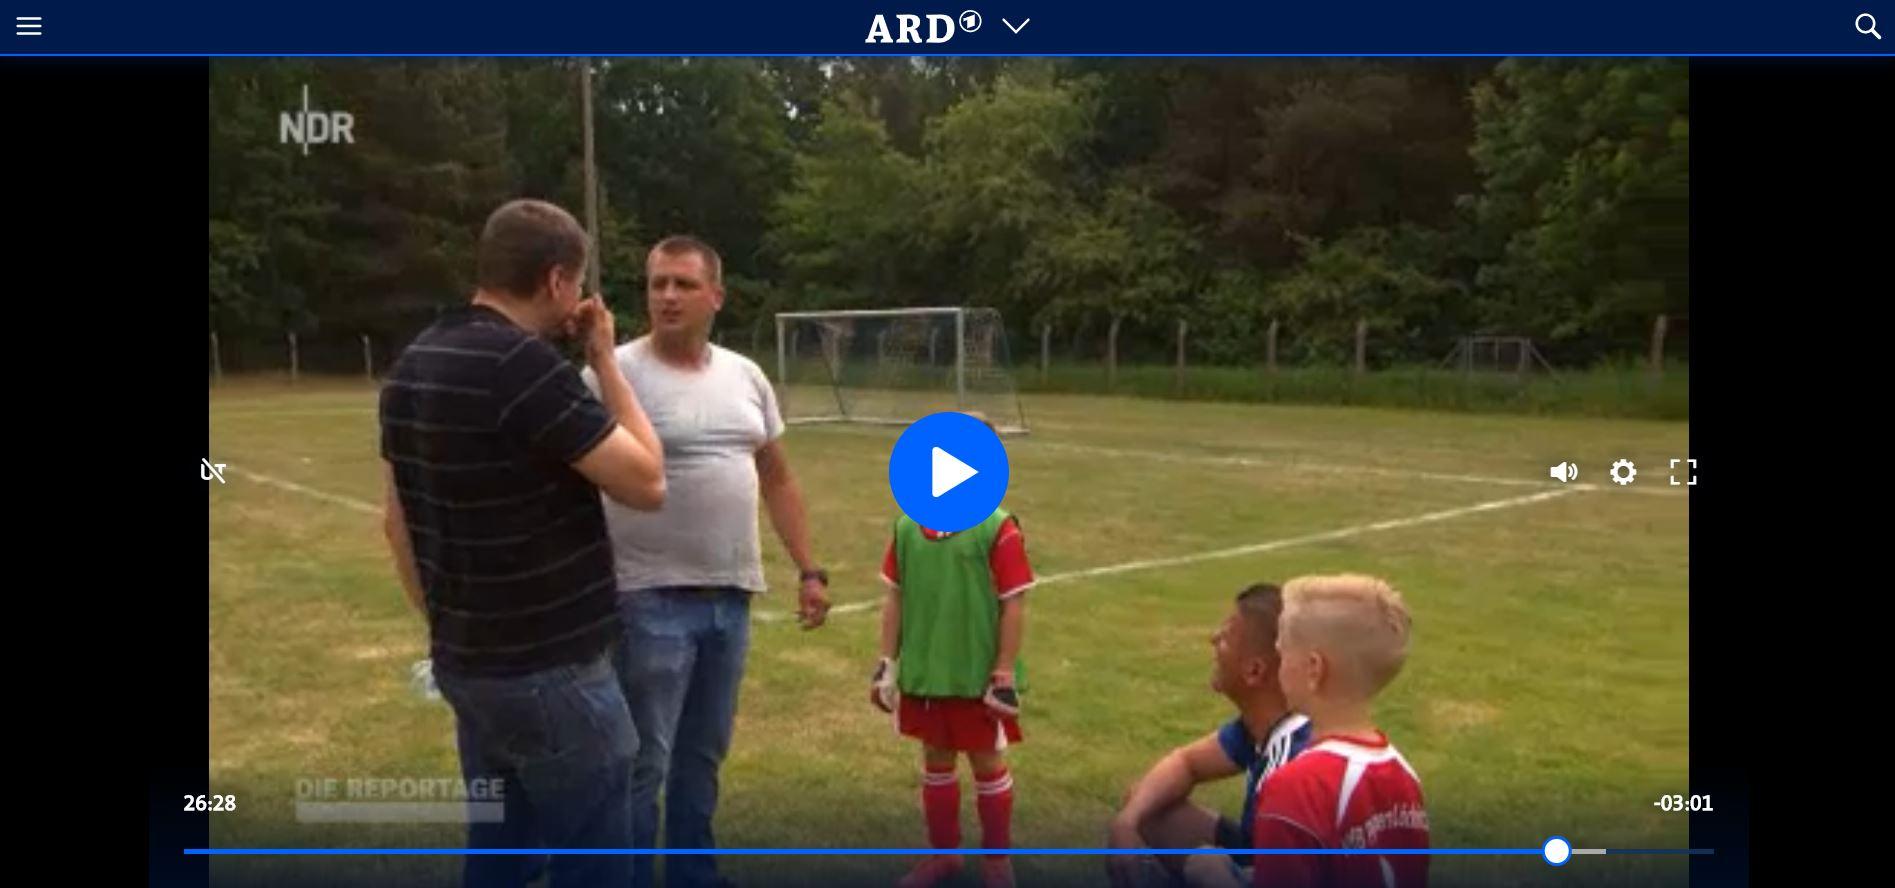 ARD-Doku: Vorpommern - Neues Leben in alten Dörfern